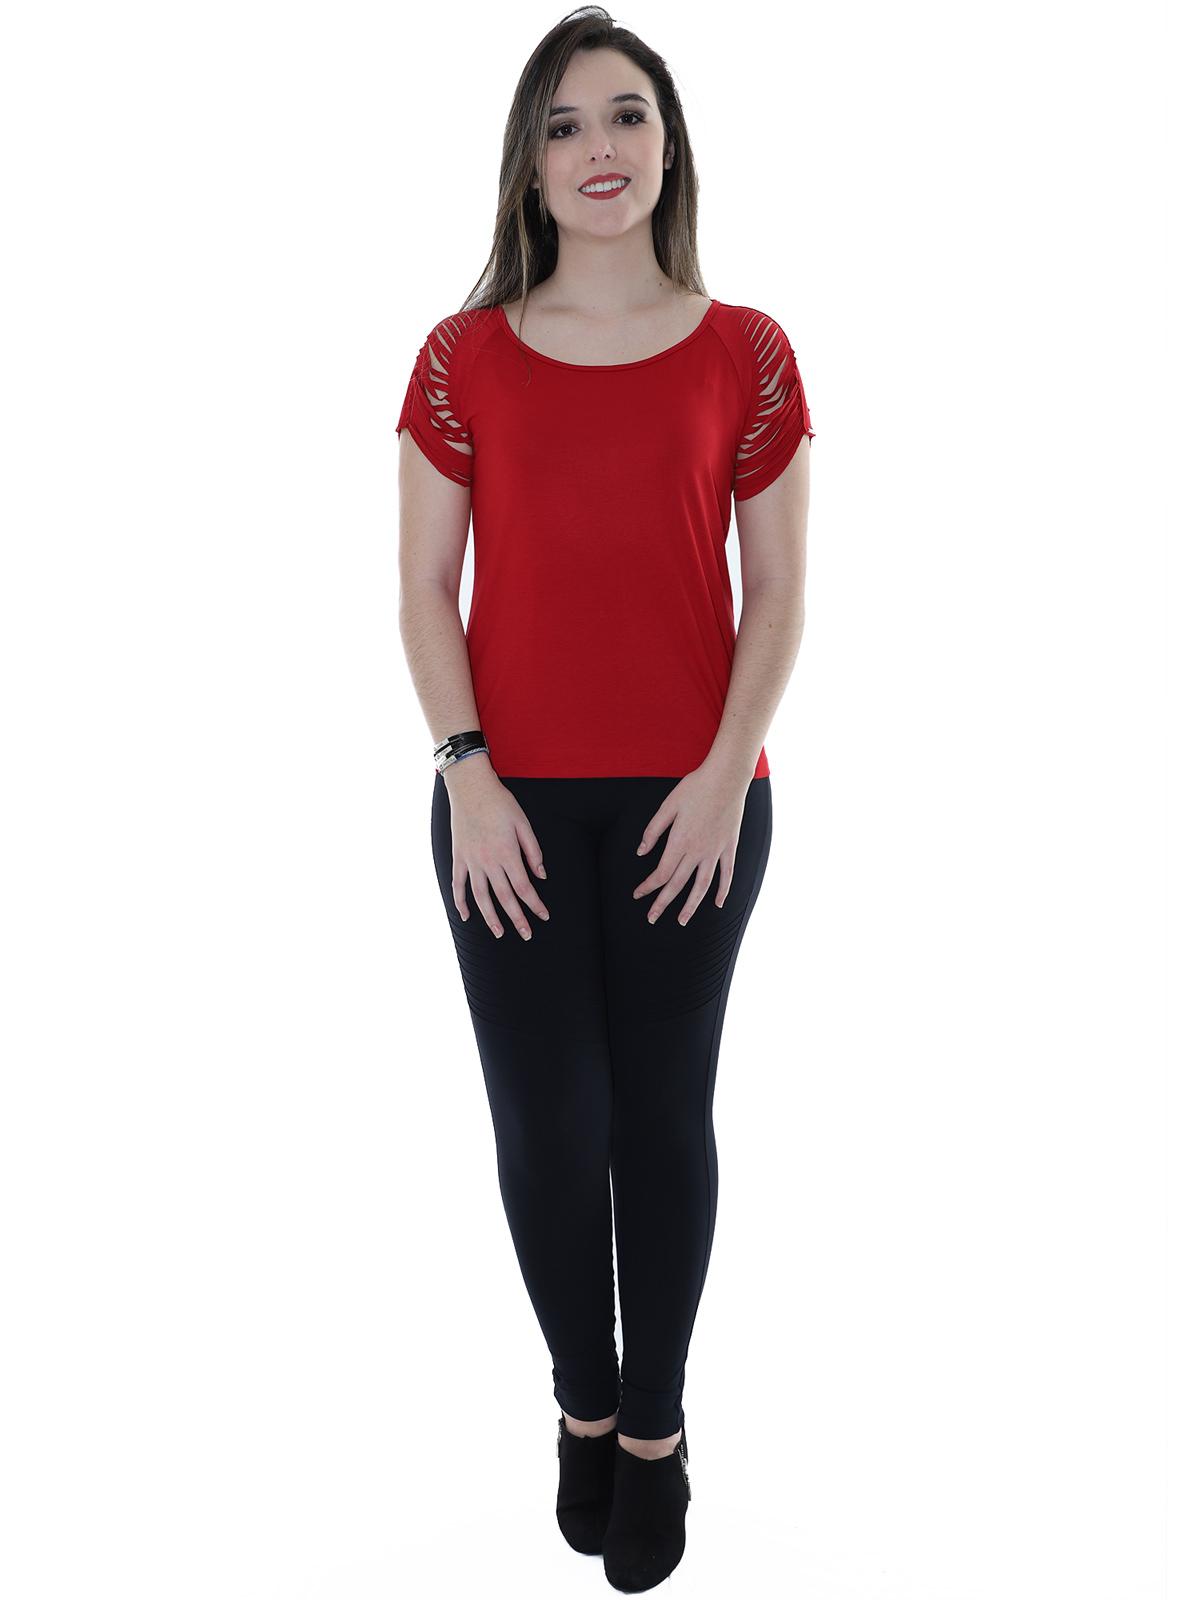 Blusa Feminina Manga Curta Super Confortável Corte a Fio Vermelha